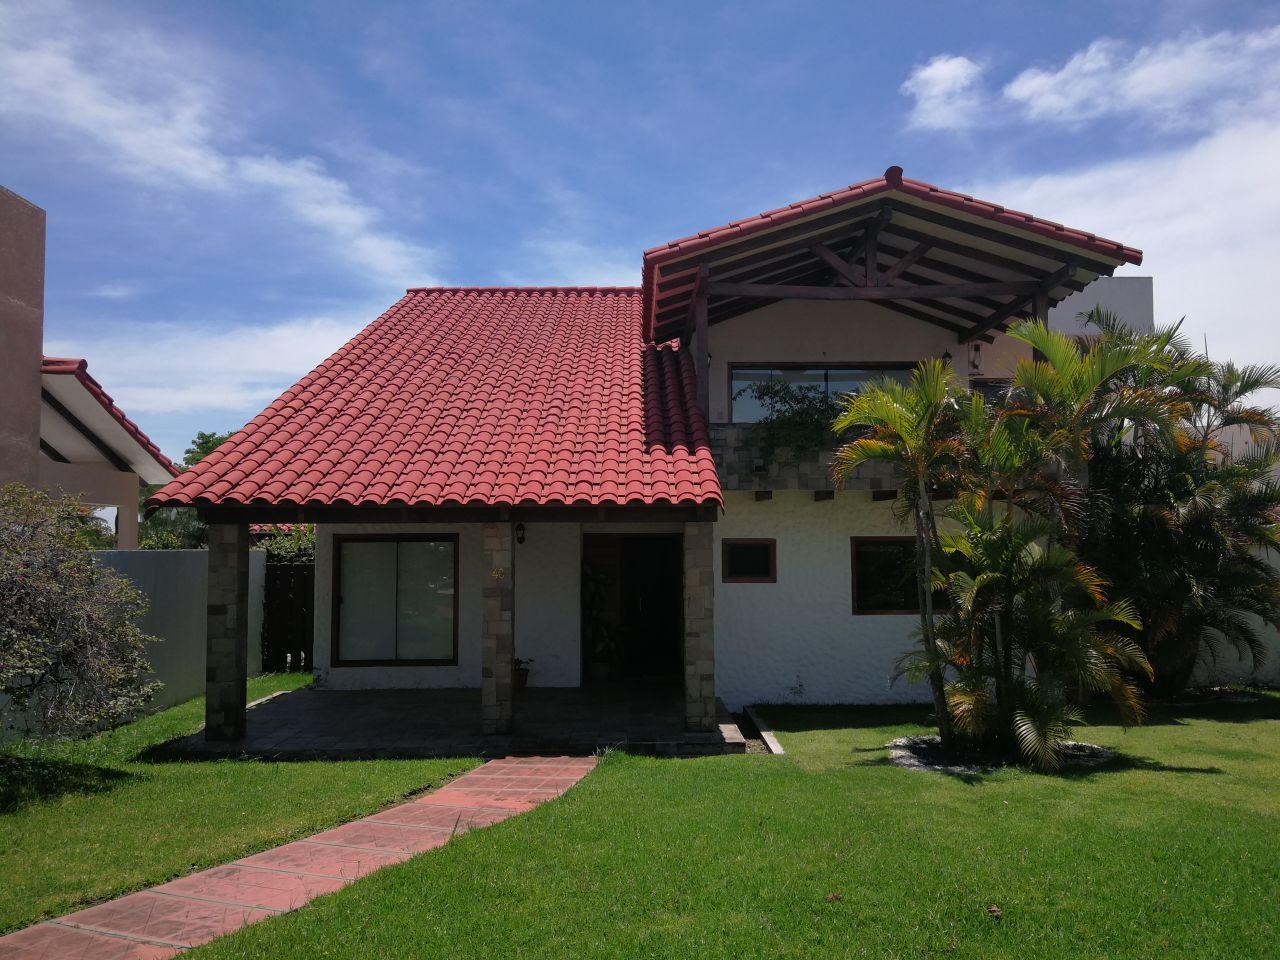 Casa en Alquiler JARDINES DEL URUBO ALQUILO CASA AMOBLADA Y EQUIPADA Foto 1